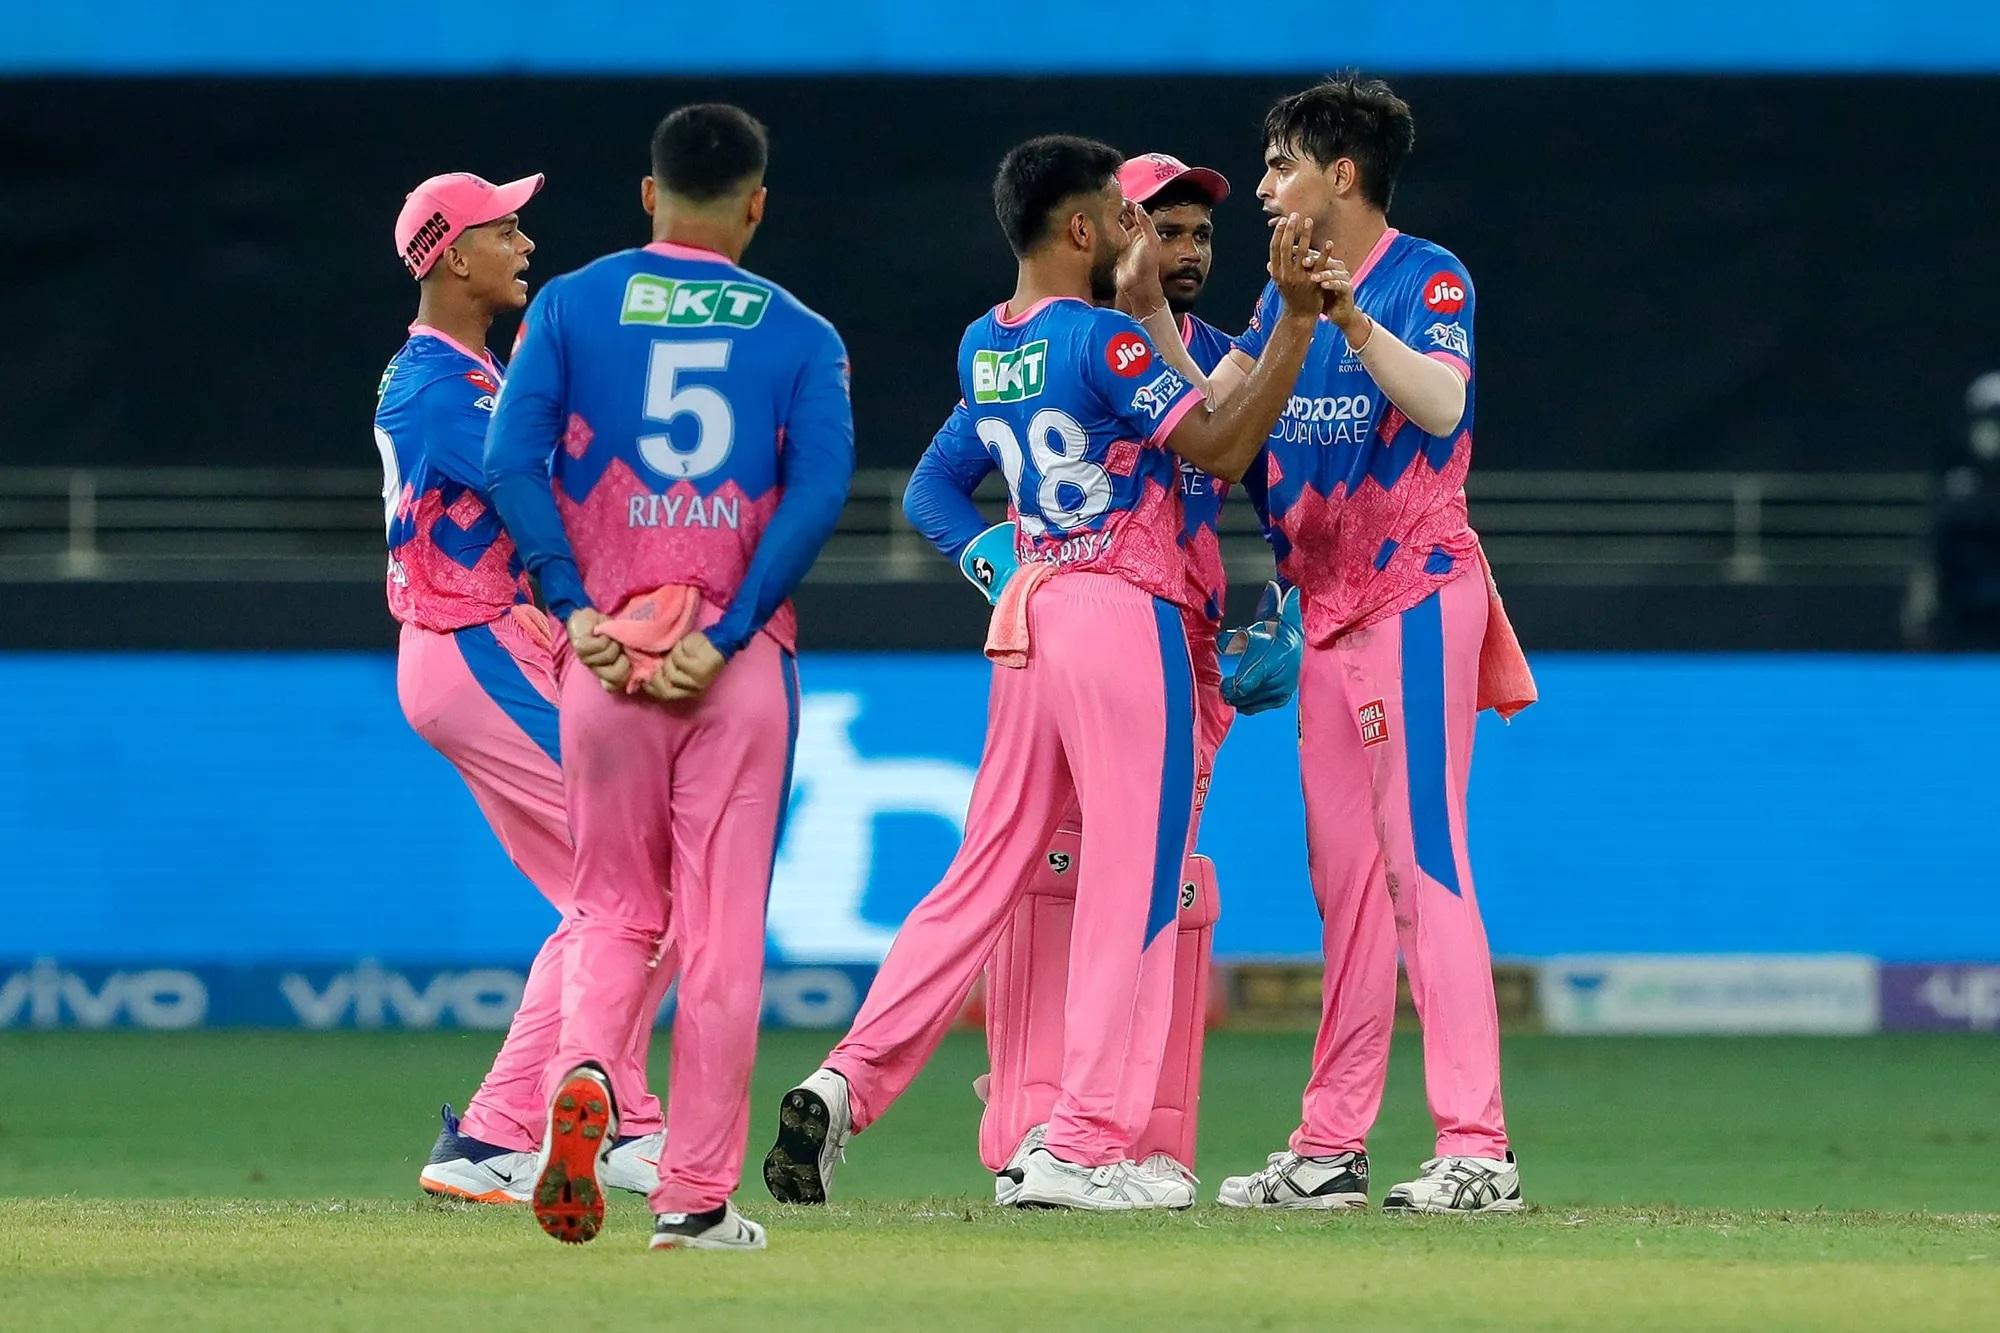 RR vs SRH: राजस्थान रॉयल्स ने टॉस जीत किया बल्लेबाजी का फैसला, हैदराबाद ने दिग्गज खिलाड़ी को किया बाहर 4